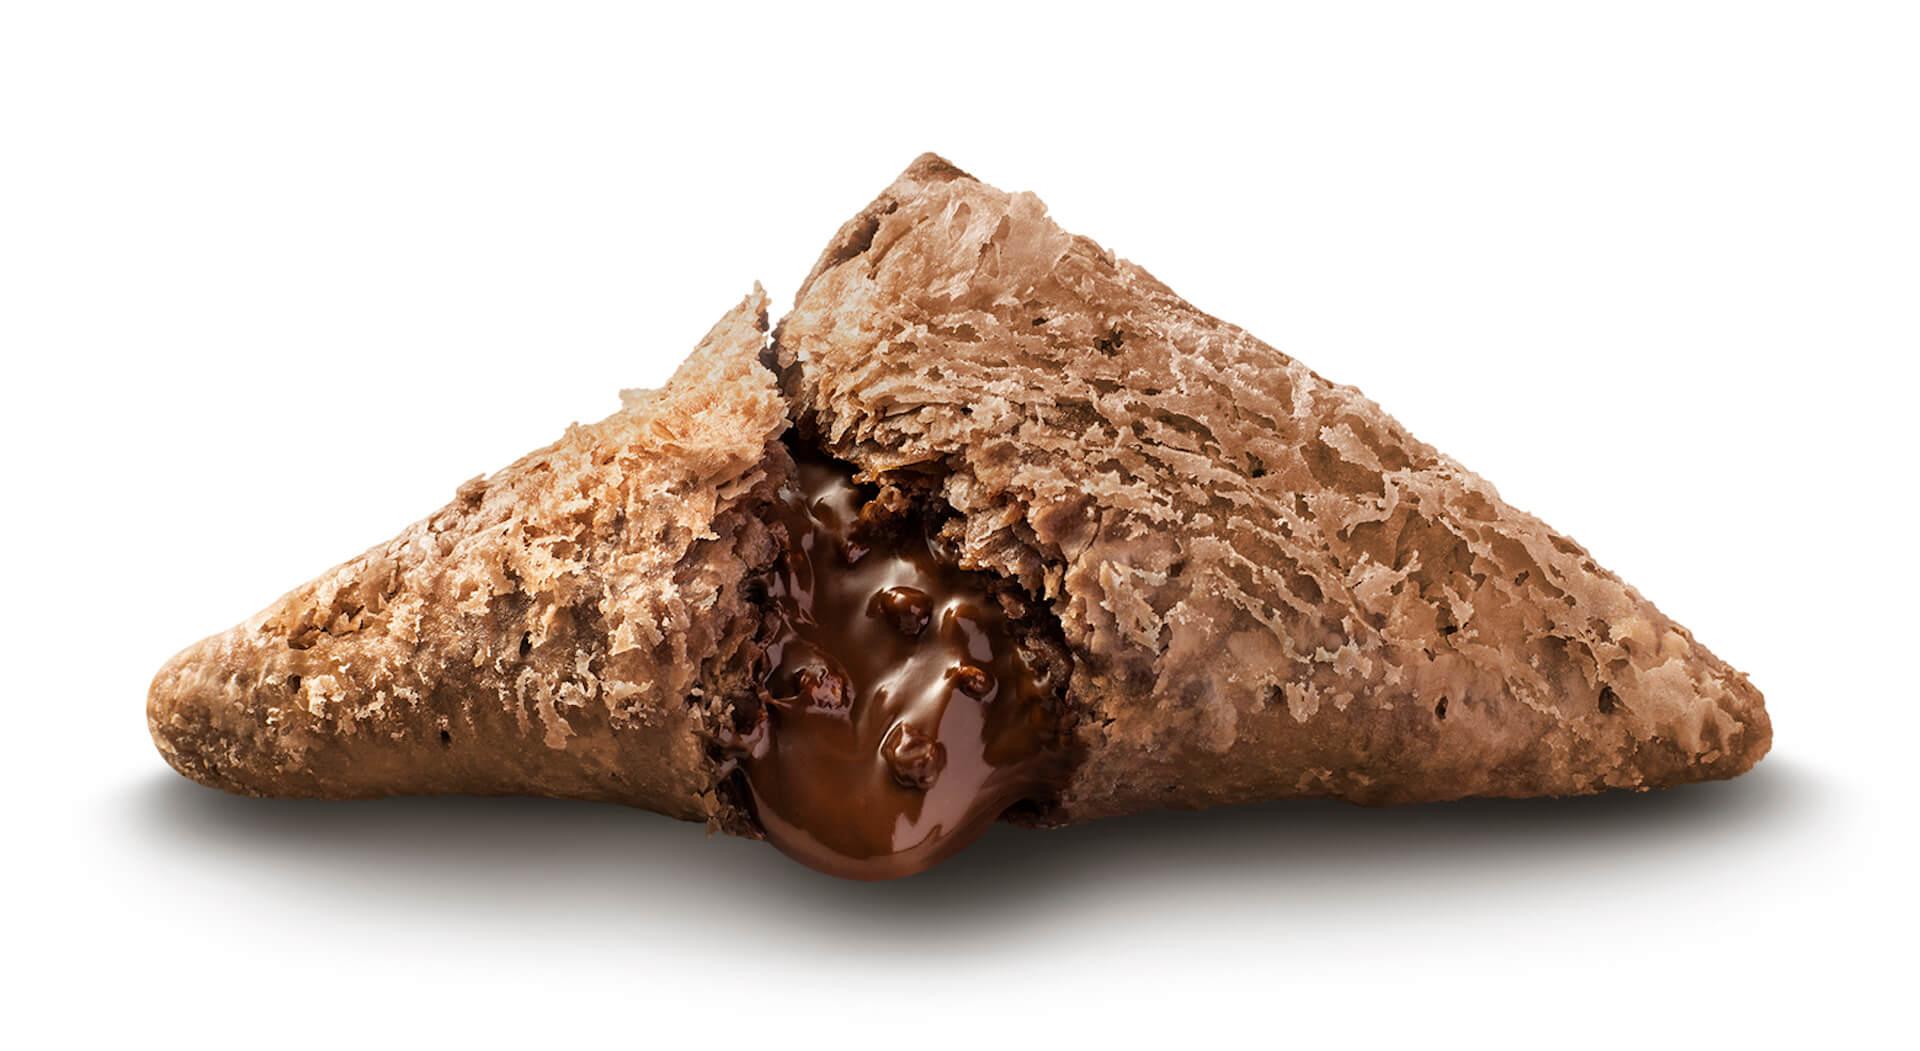 マクドナルドの秋冬の定番「三角チョコパイ」が期間限定で登場!今年は「三角チョコパイ 黒」と「三角チョコパイ 白」の2種類 gourmet201007_mcdonald_3